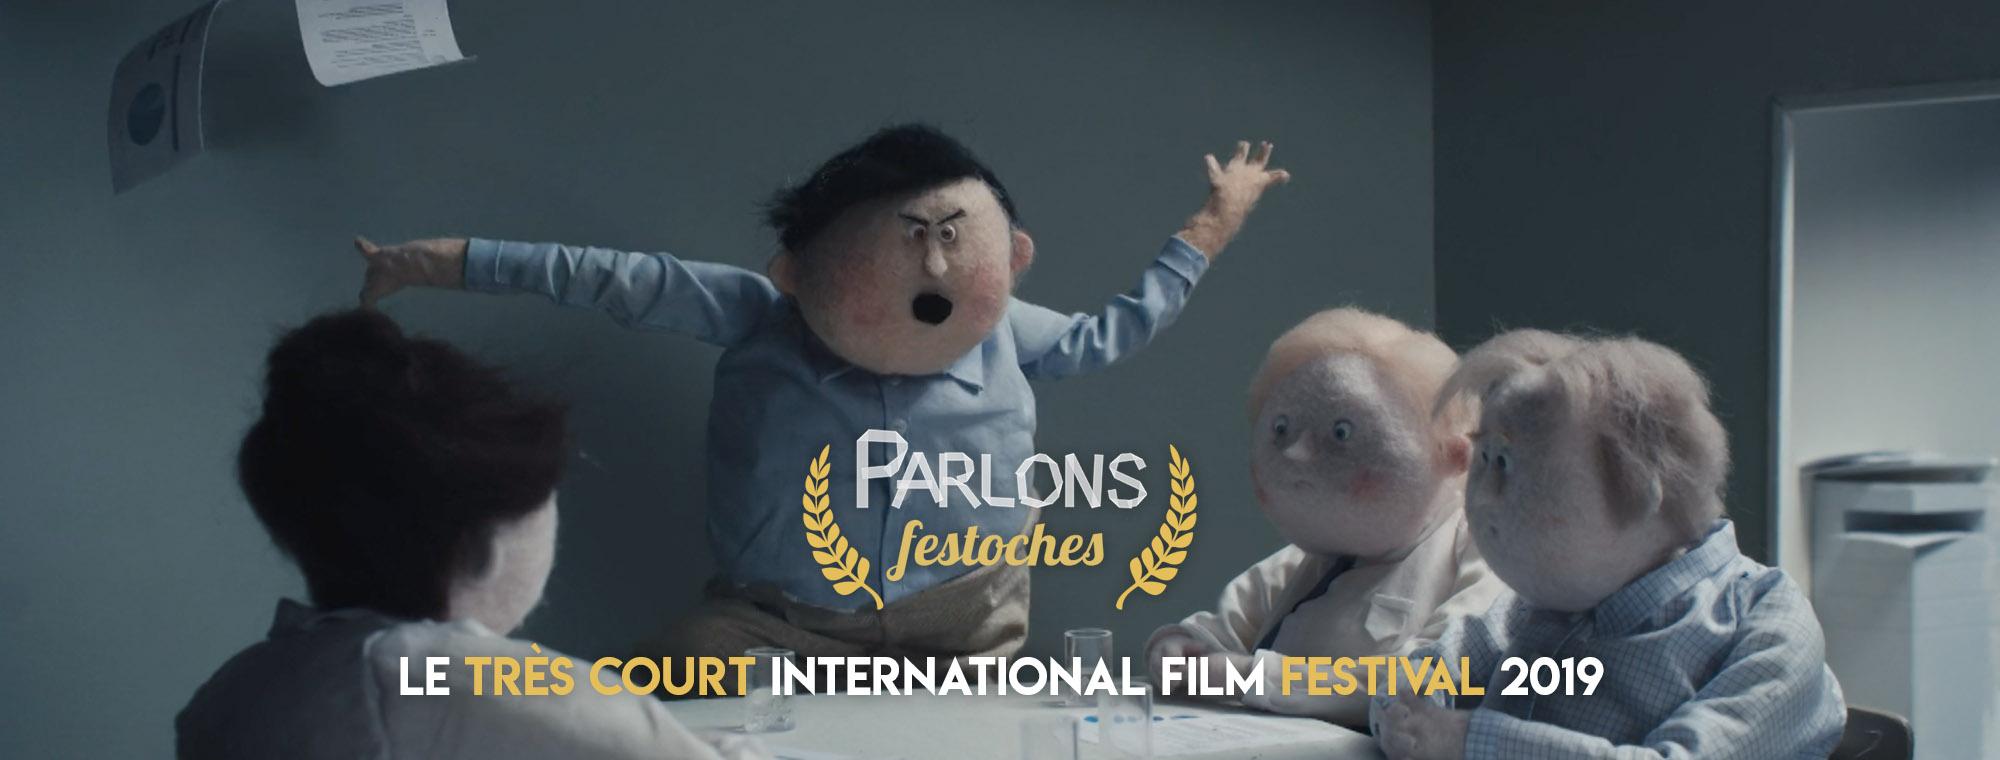 Parlons Péloches - #1 Le Très Court International Film Festival